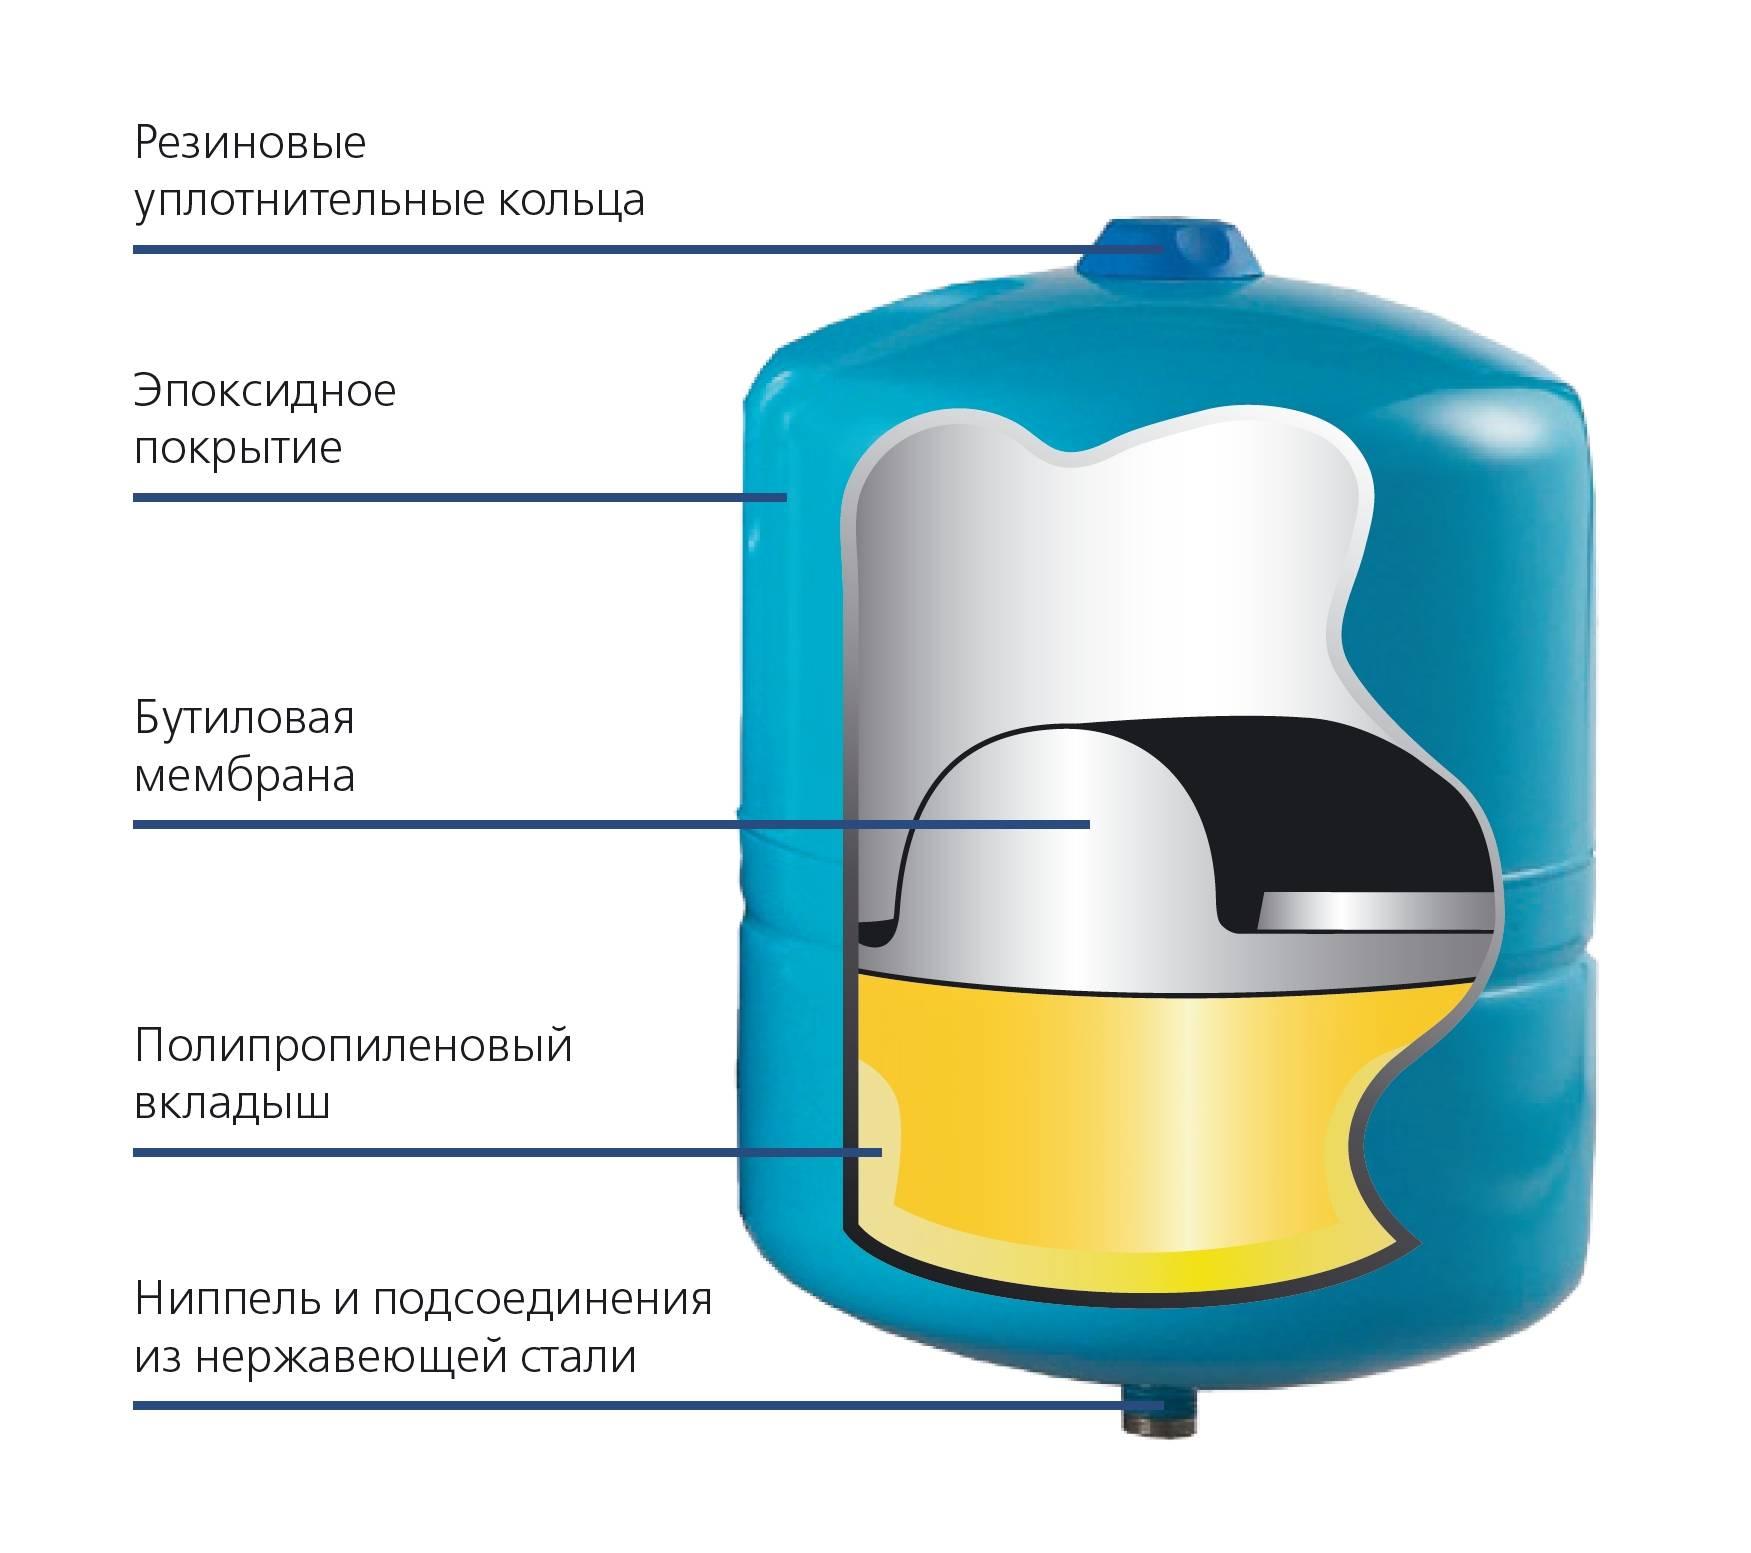 Установка расширительного бака в системе отопления, схема подключения, как правильно установить на крепления, где устанавливается